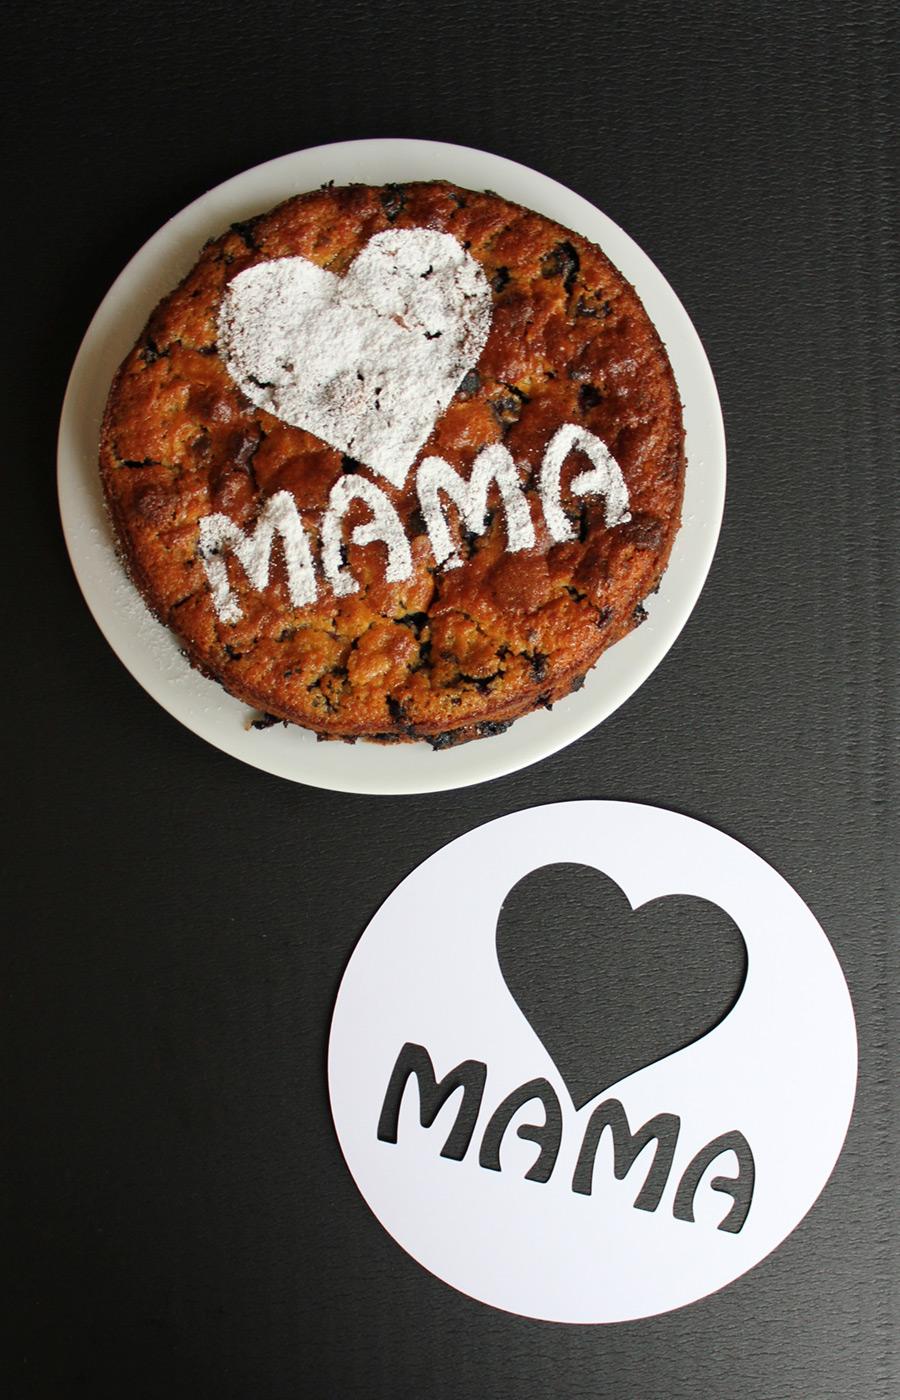 Selbstgemachte Kuchen-Deko-Schablone für den perfekten Muttertagskuchen. Für die Schneideplotter-Besitzer unter Euch stehen die Vorlagen auch als Studio3, DXF und SVG Dateien zum Download zur Verfügung.